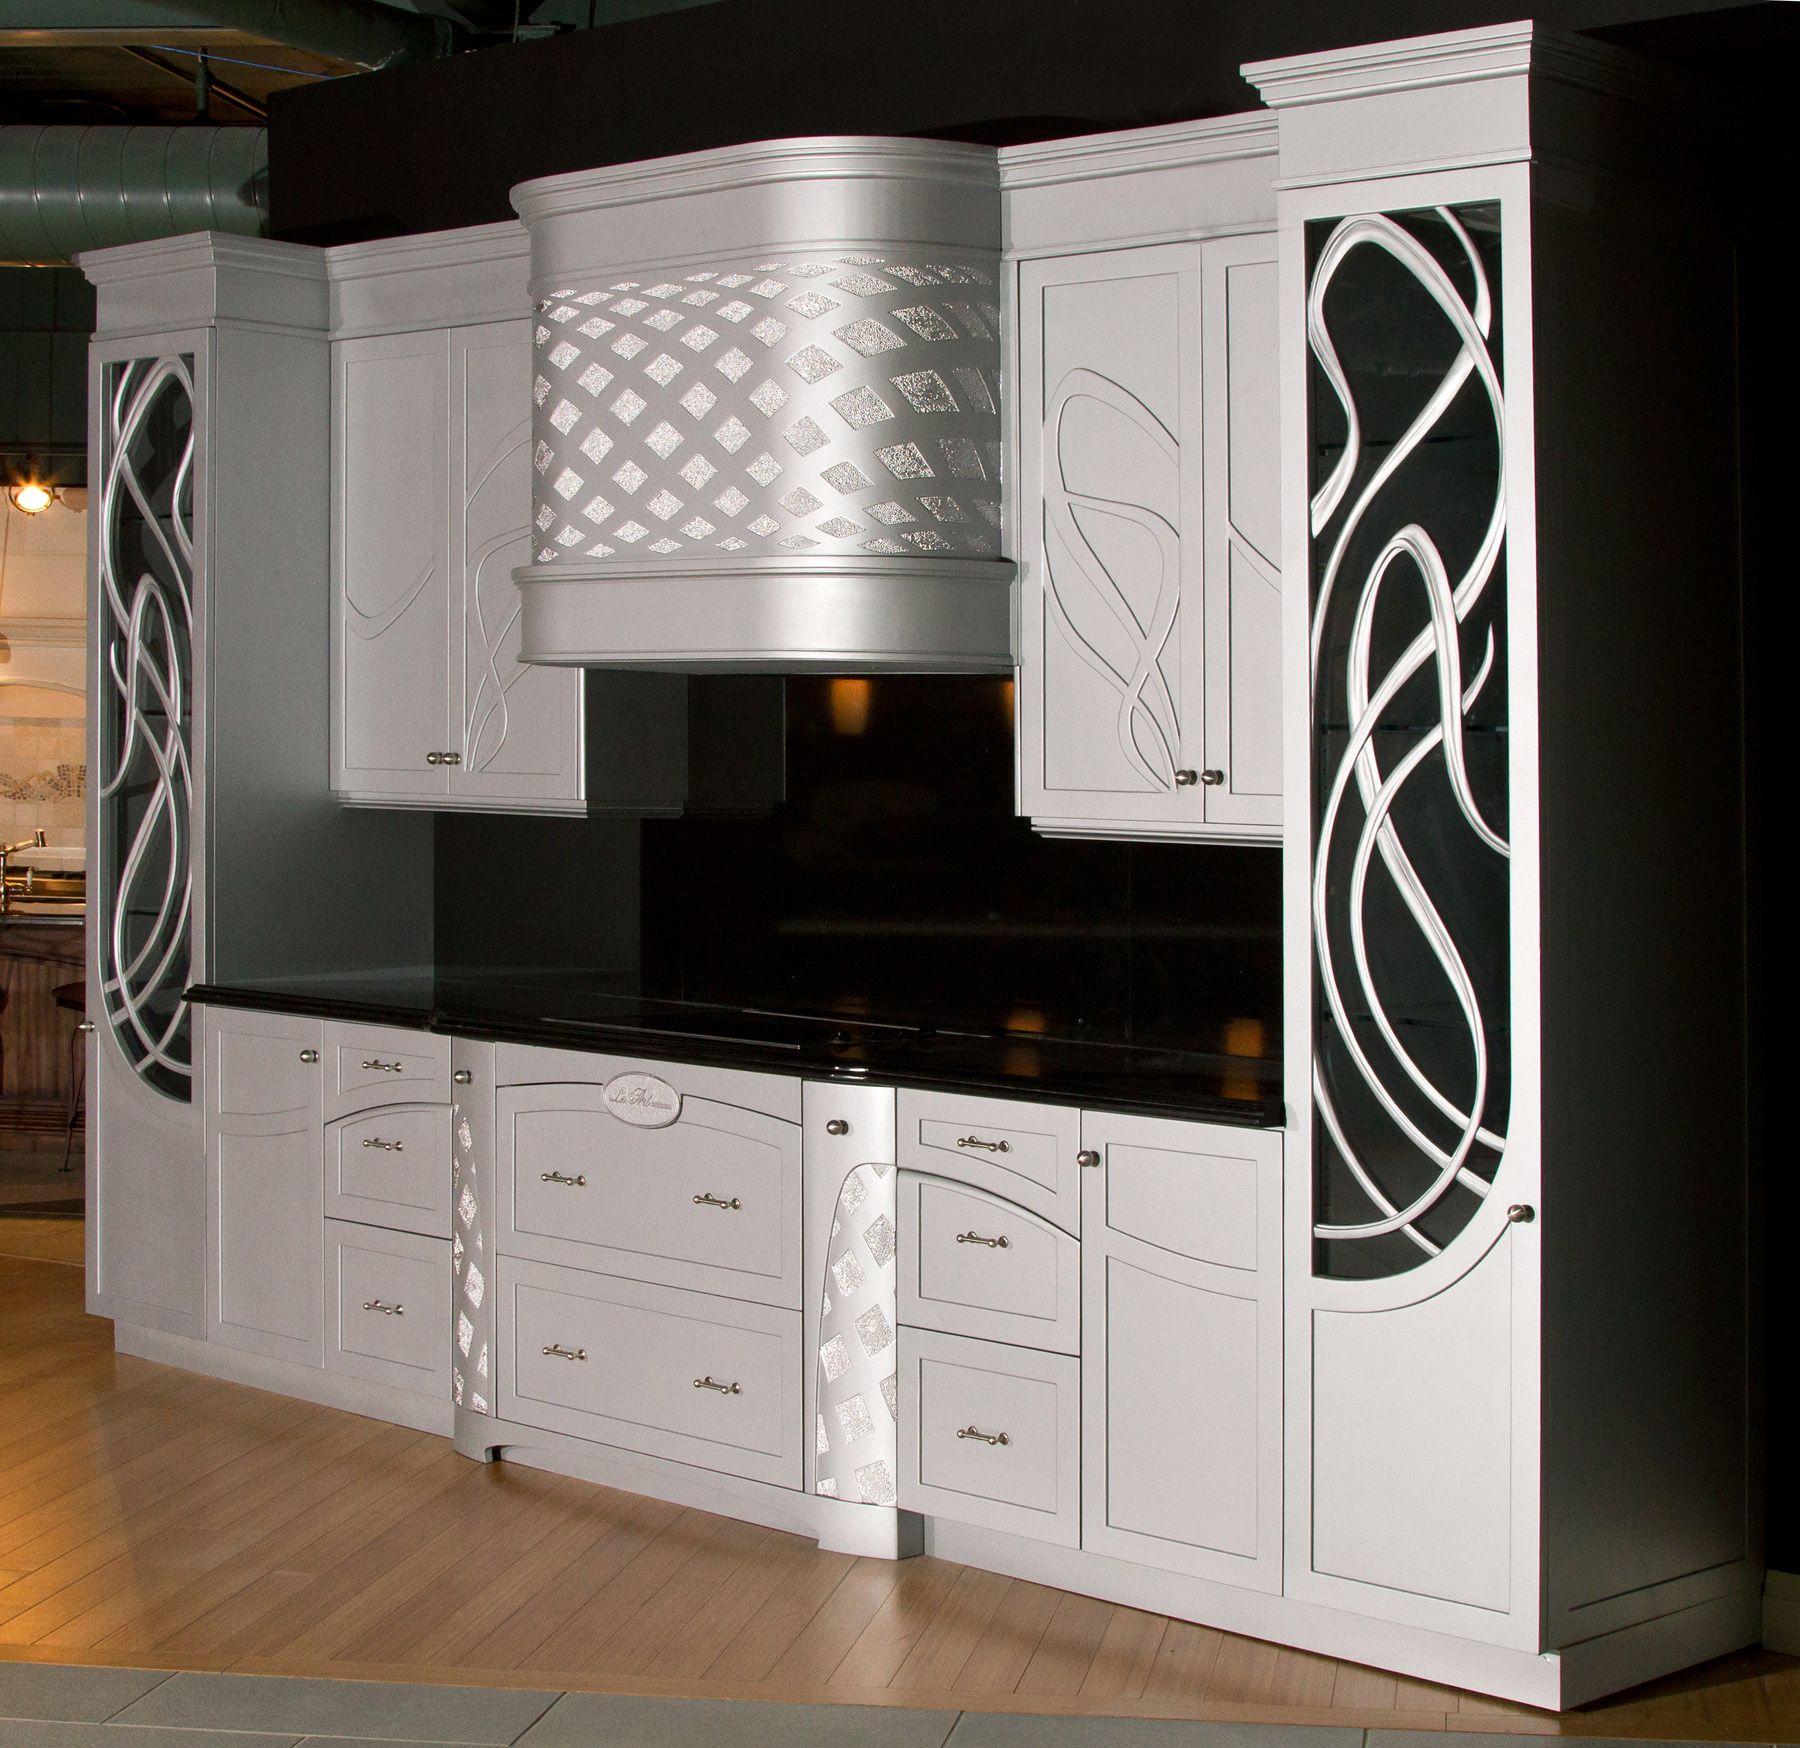 Pin by araceli palomar on kitchen design | Pinterest | Kitchen art ...